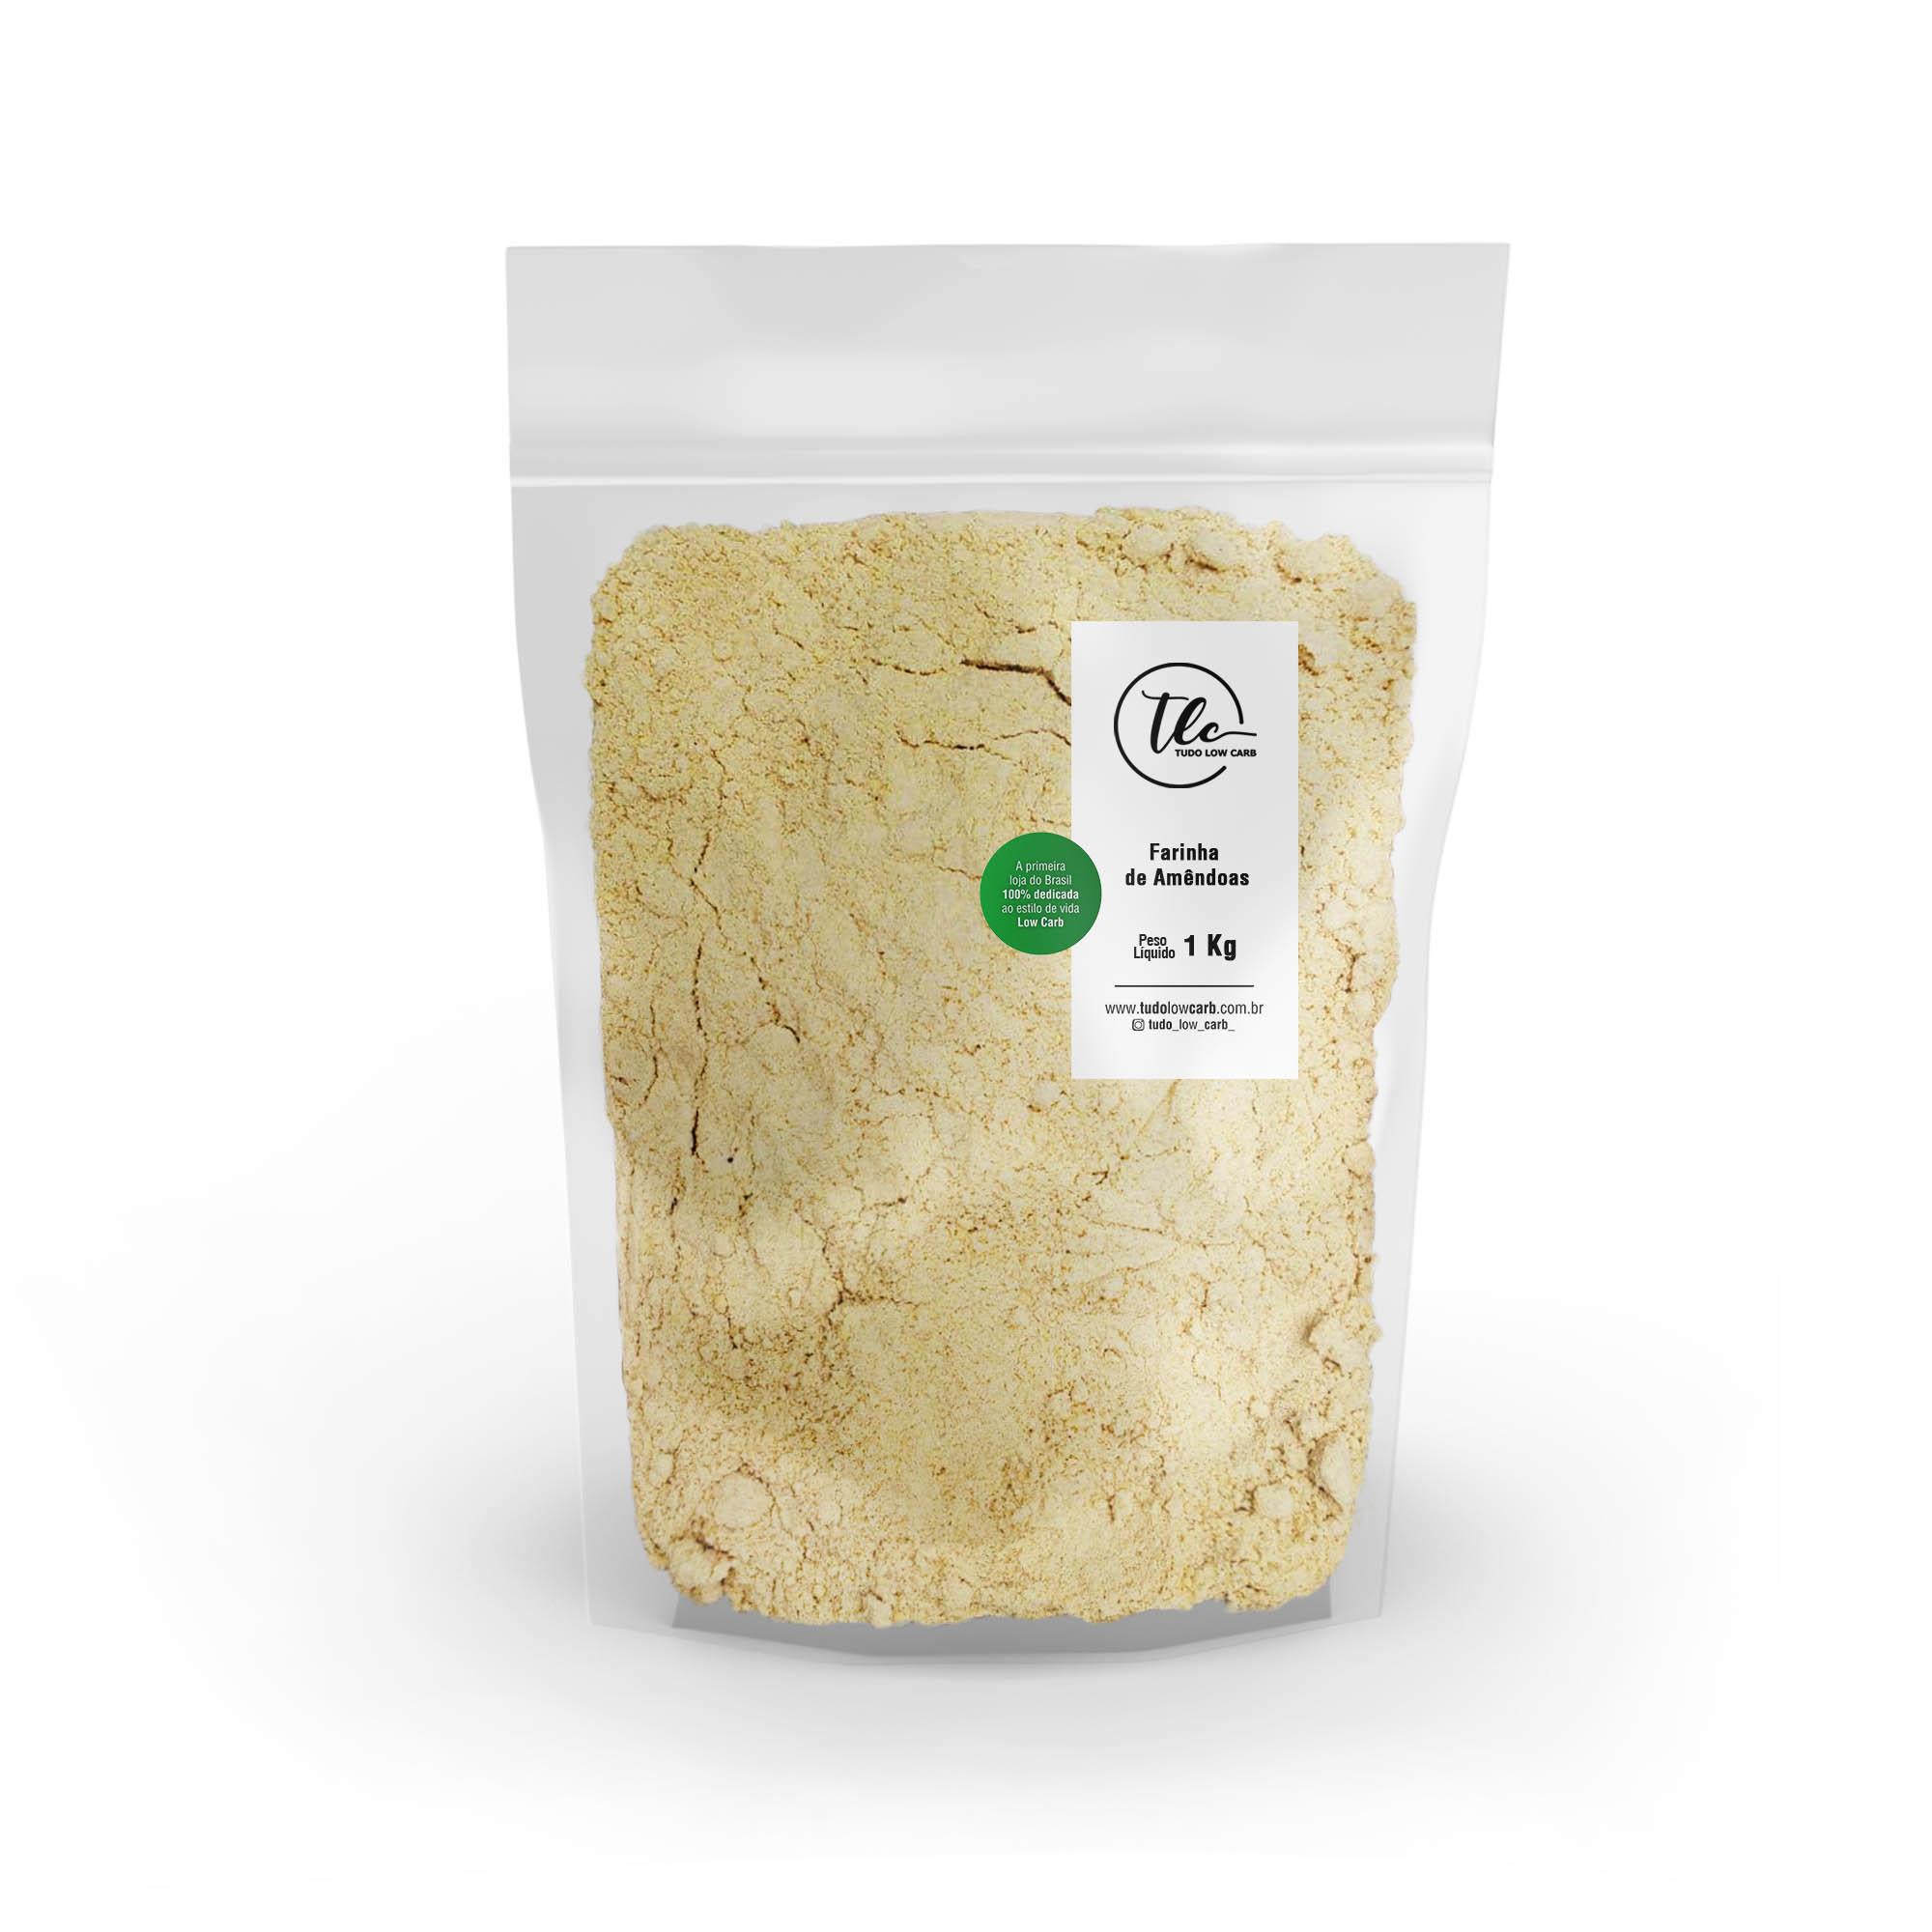 Farinha de Amêndoas 1 kg  - TLC Tudo Low Carb